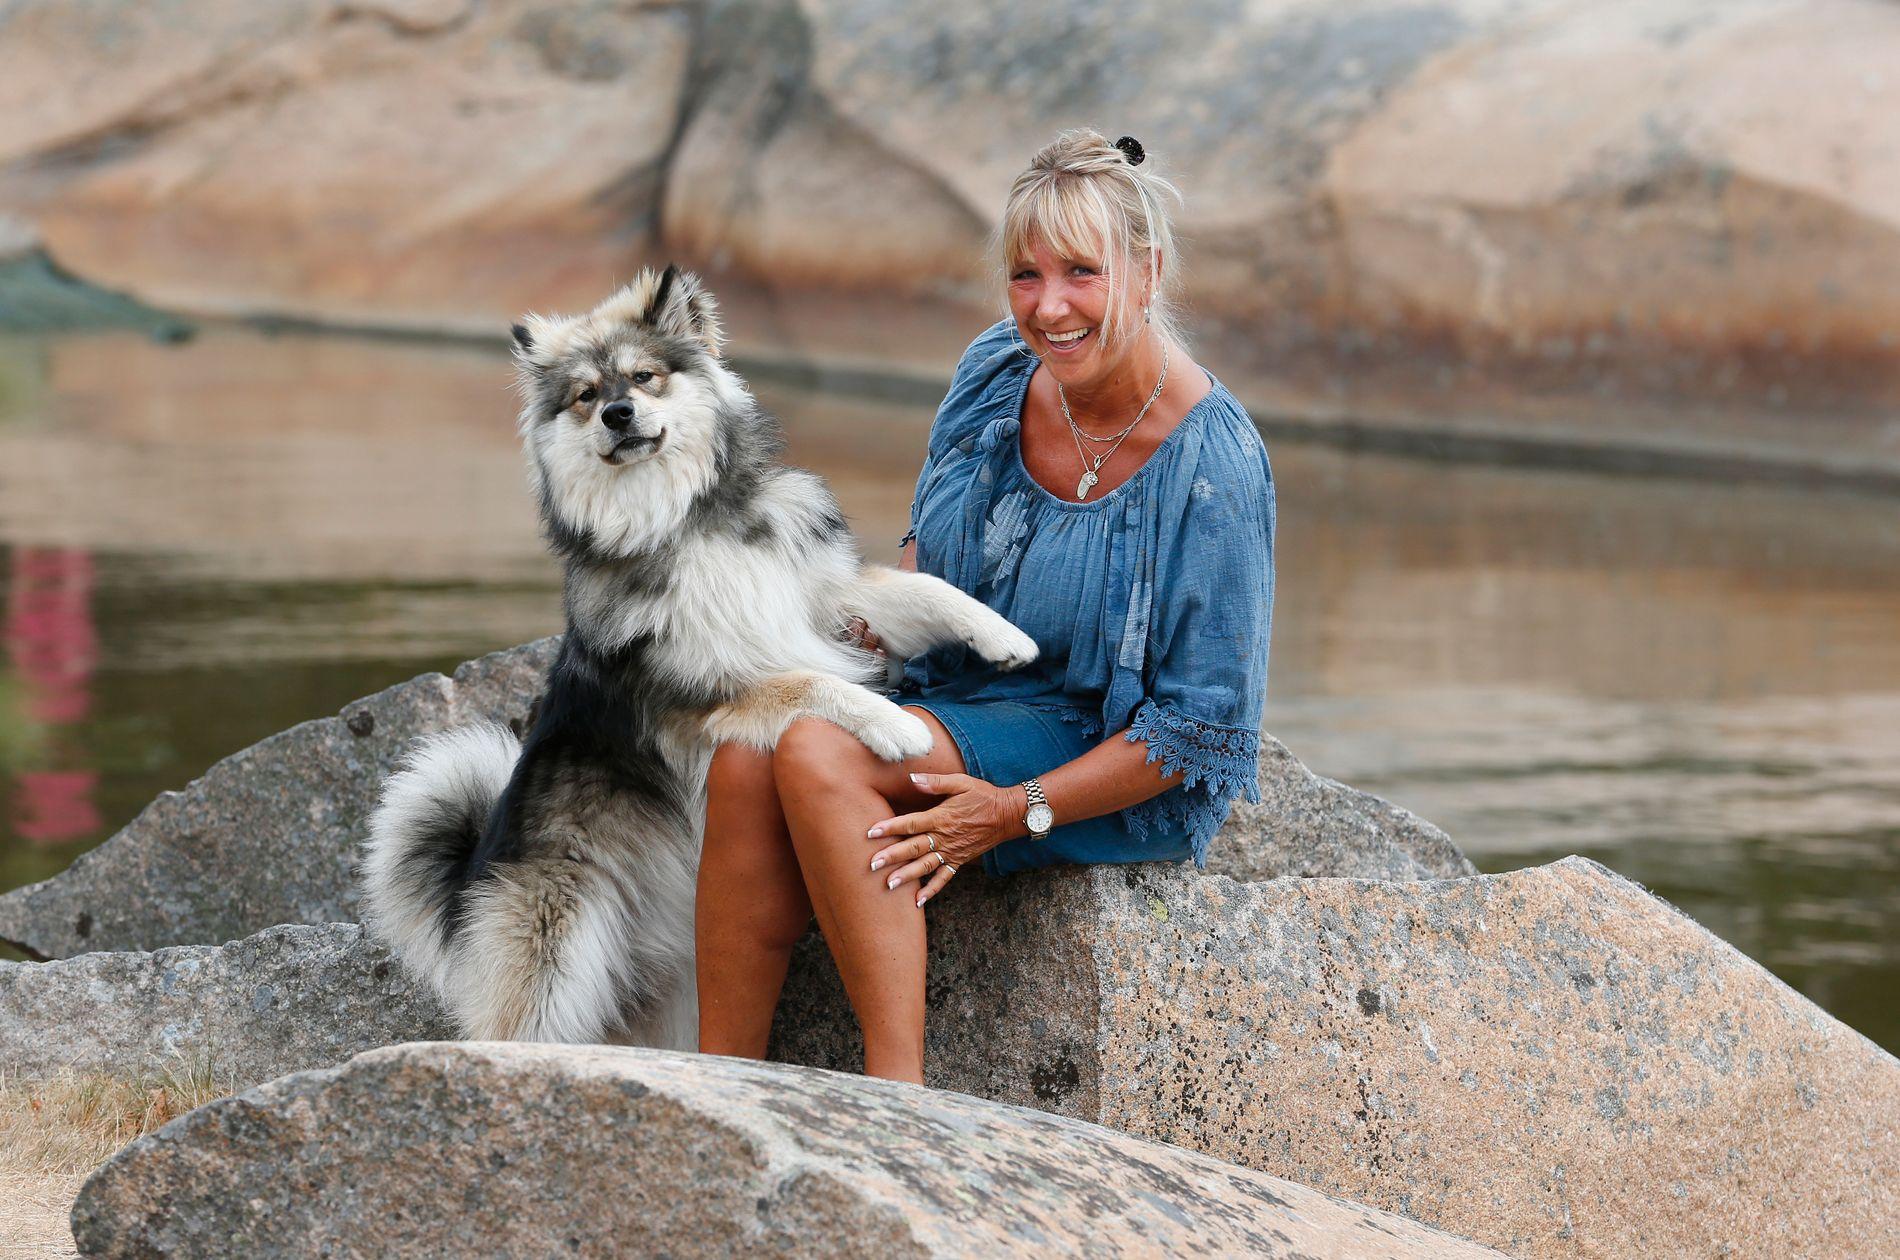 TAKKNEMLIG: Vigdis Brostrøm sier at hun fikk livet i gave, da hun fikk innvilget unntaksbehandling. Her er hun sammen med valpen Bajas på svaberget ved campingvognen på Hvaler.